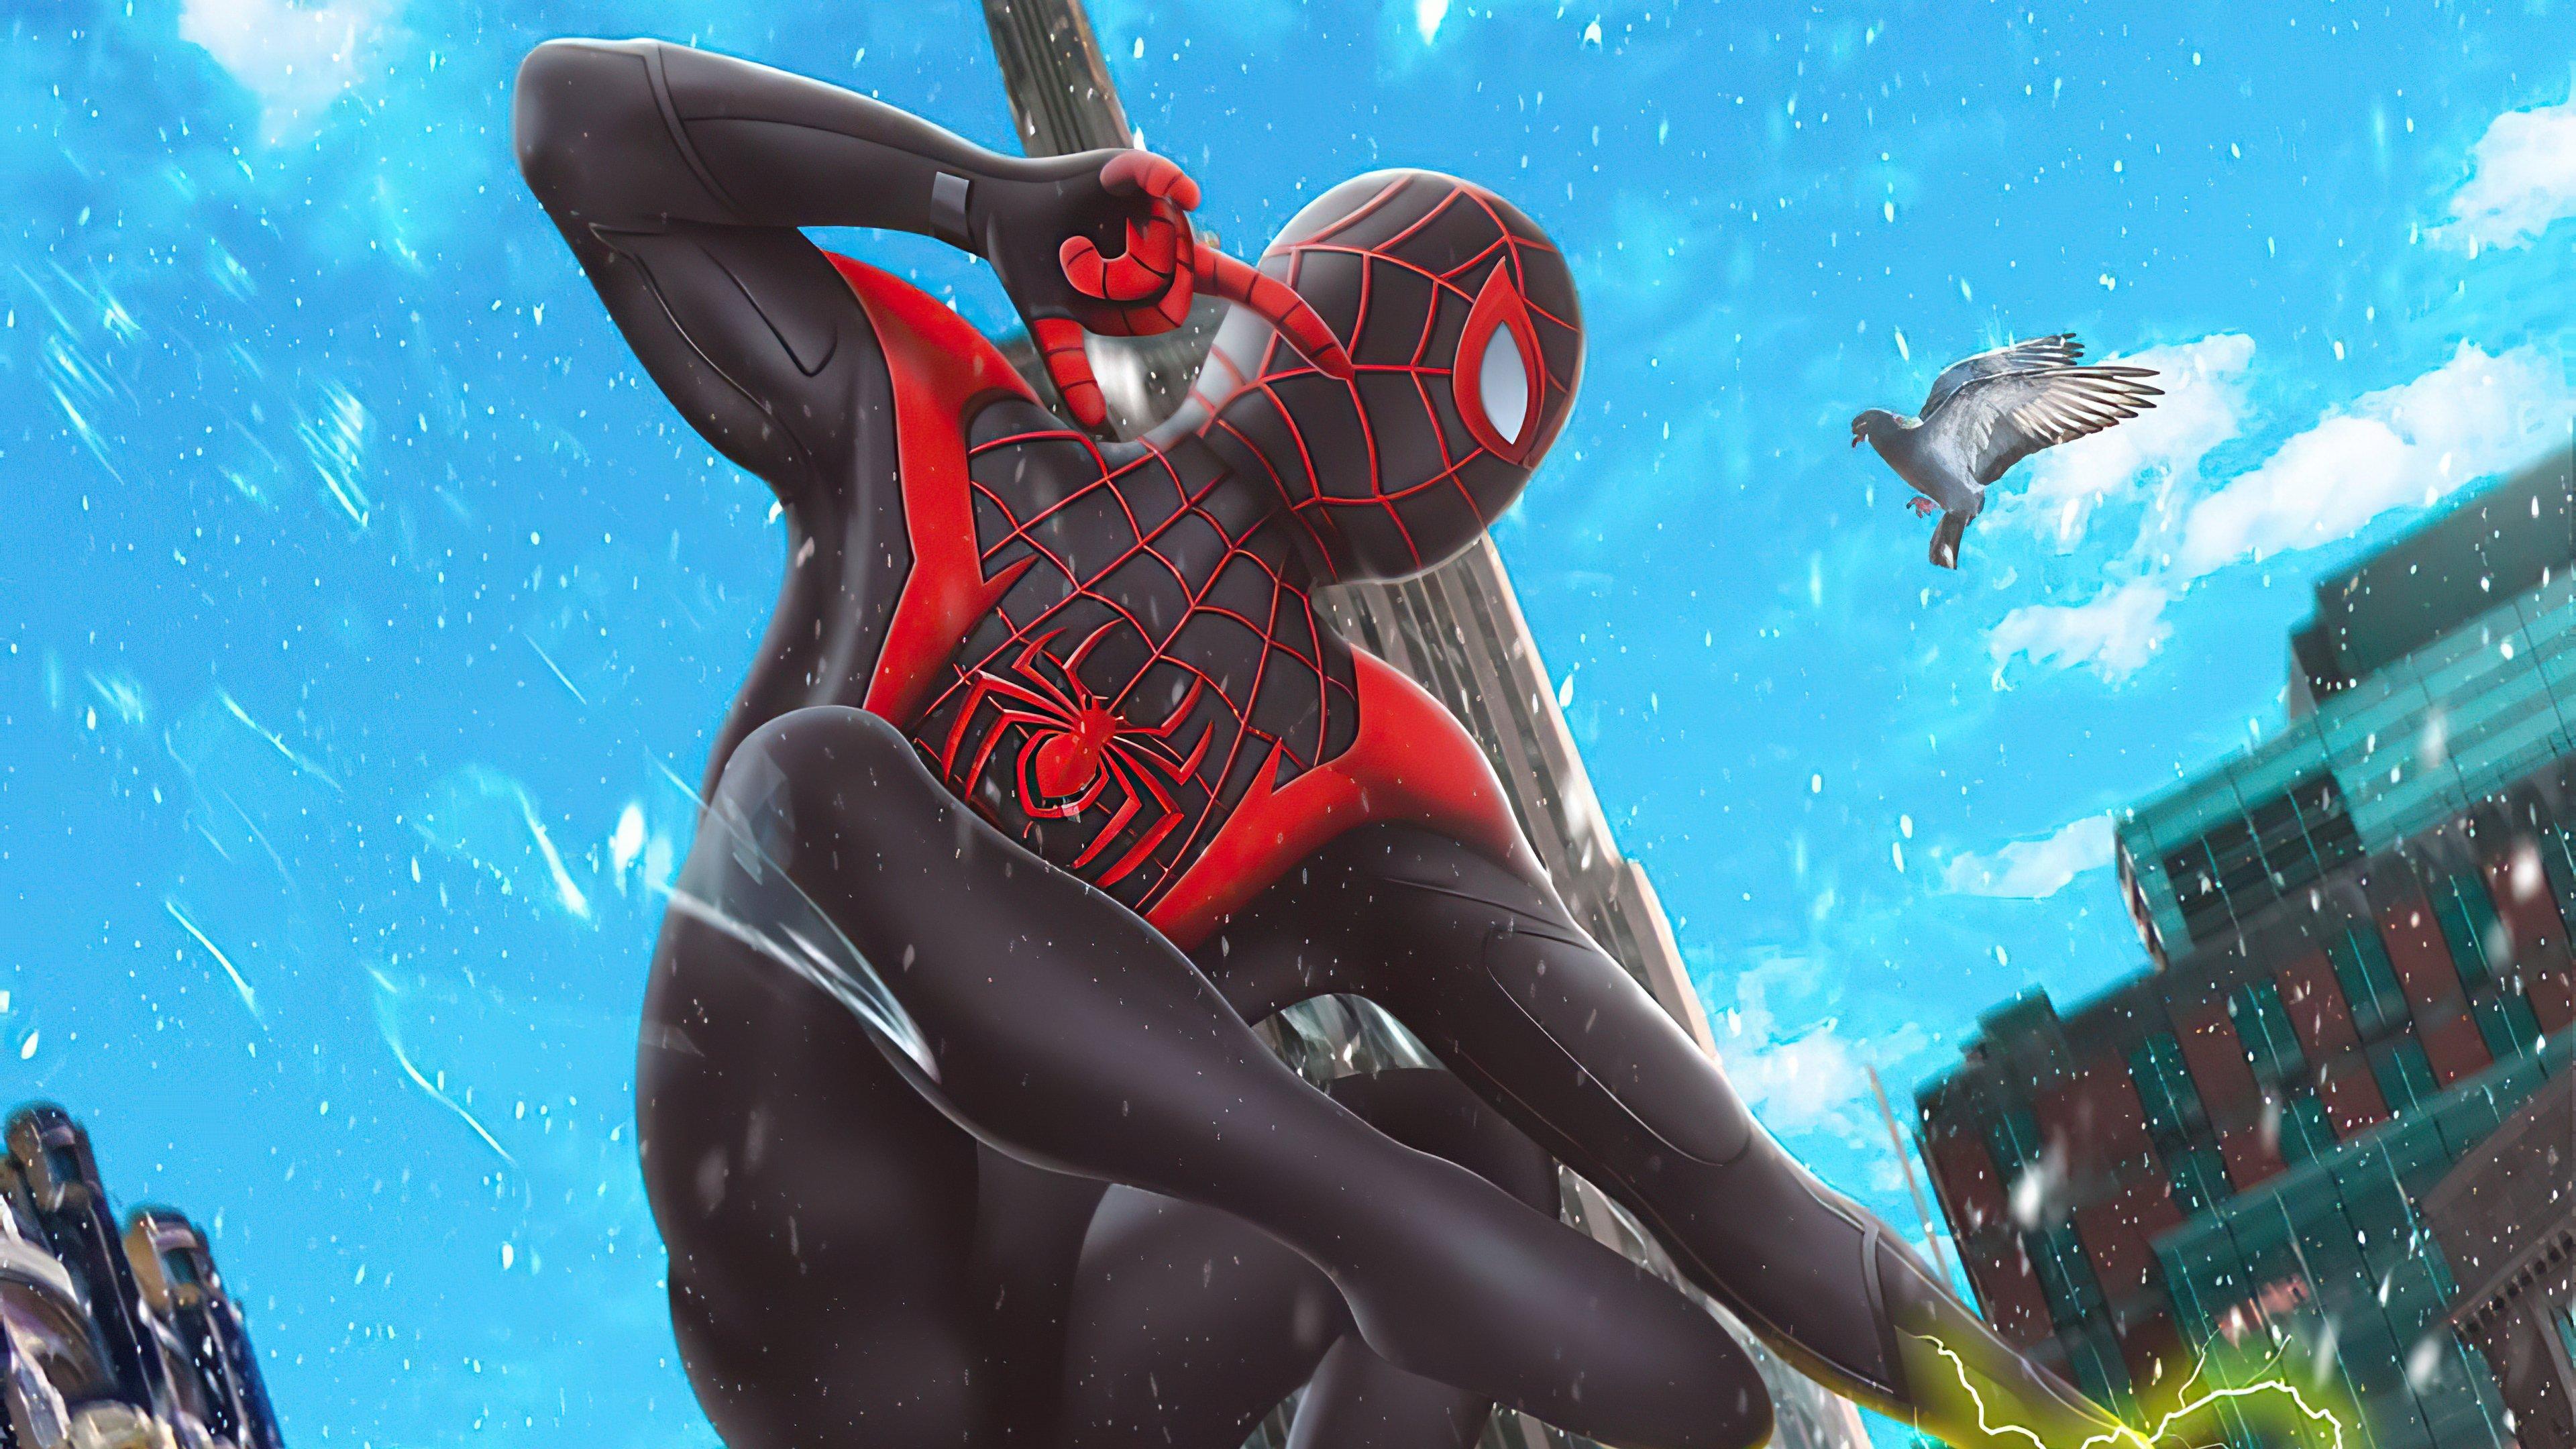 Fondos de pantalla Miles Morales como el Hombre Araña con traje negro